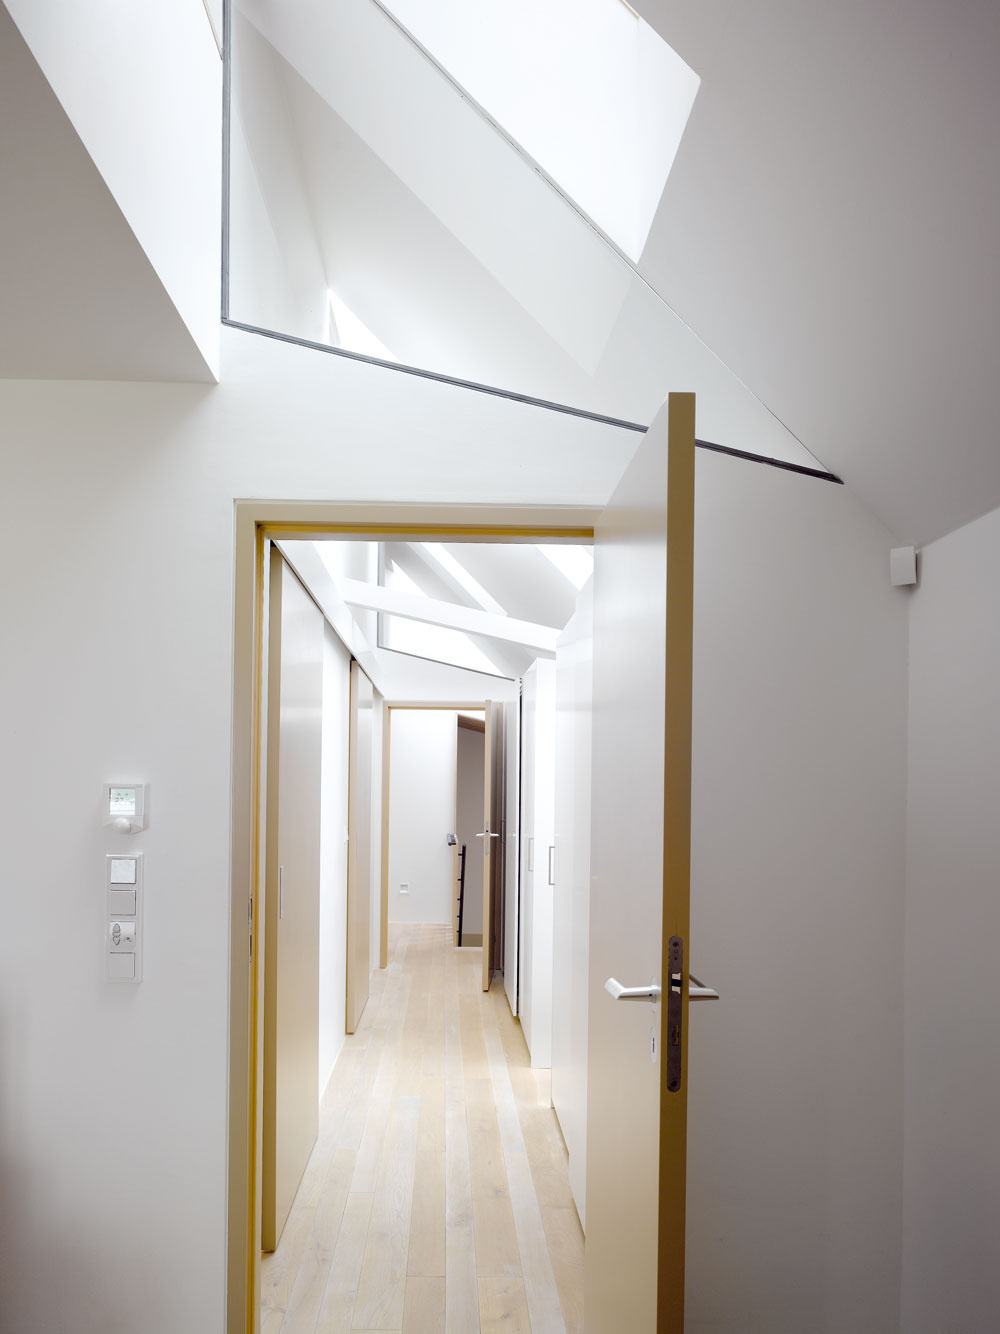 Chodba, ktorá pojala aj vstavané skrine, je presvetlená strešnými oknami.